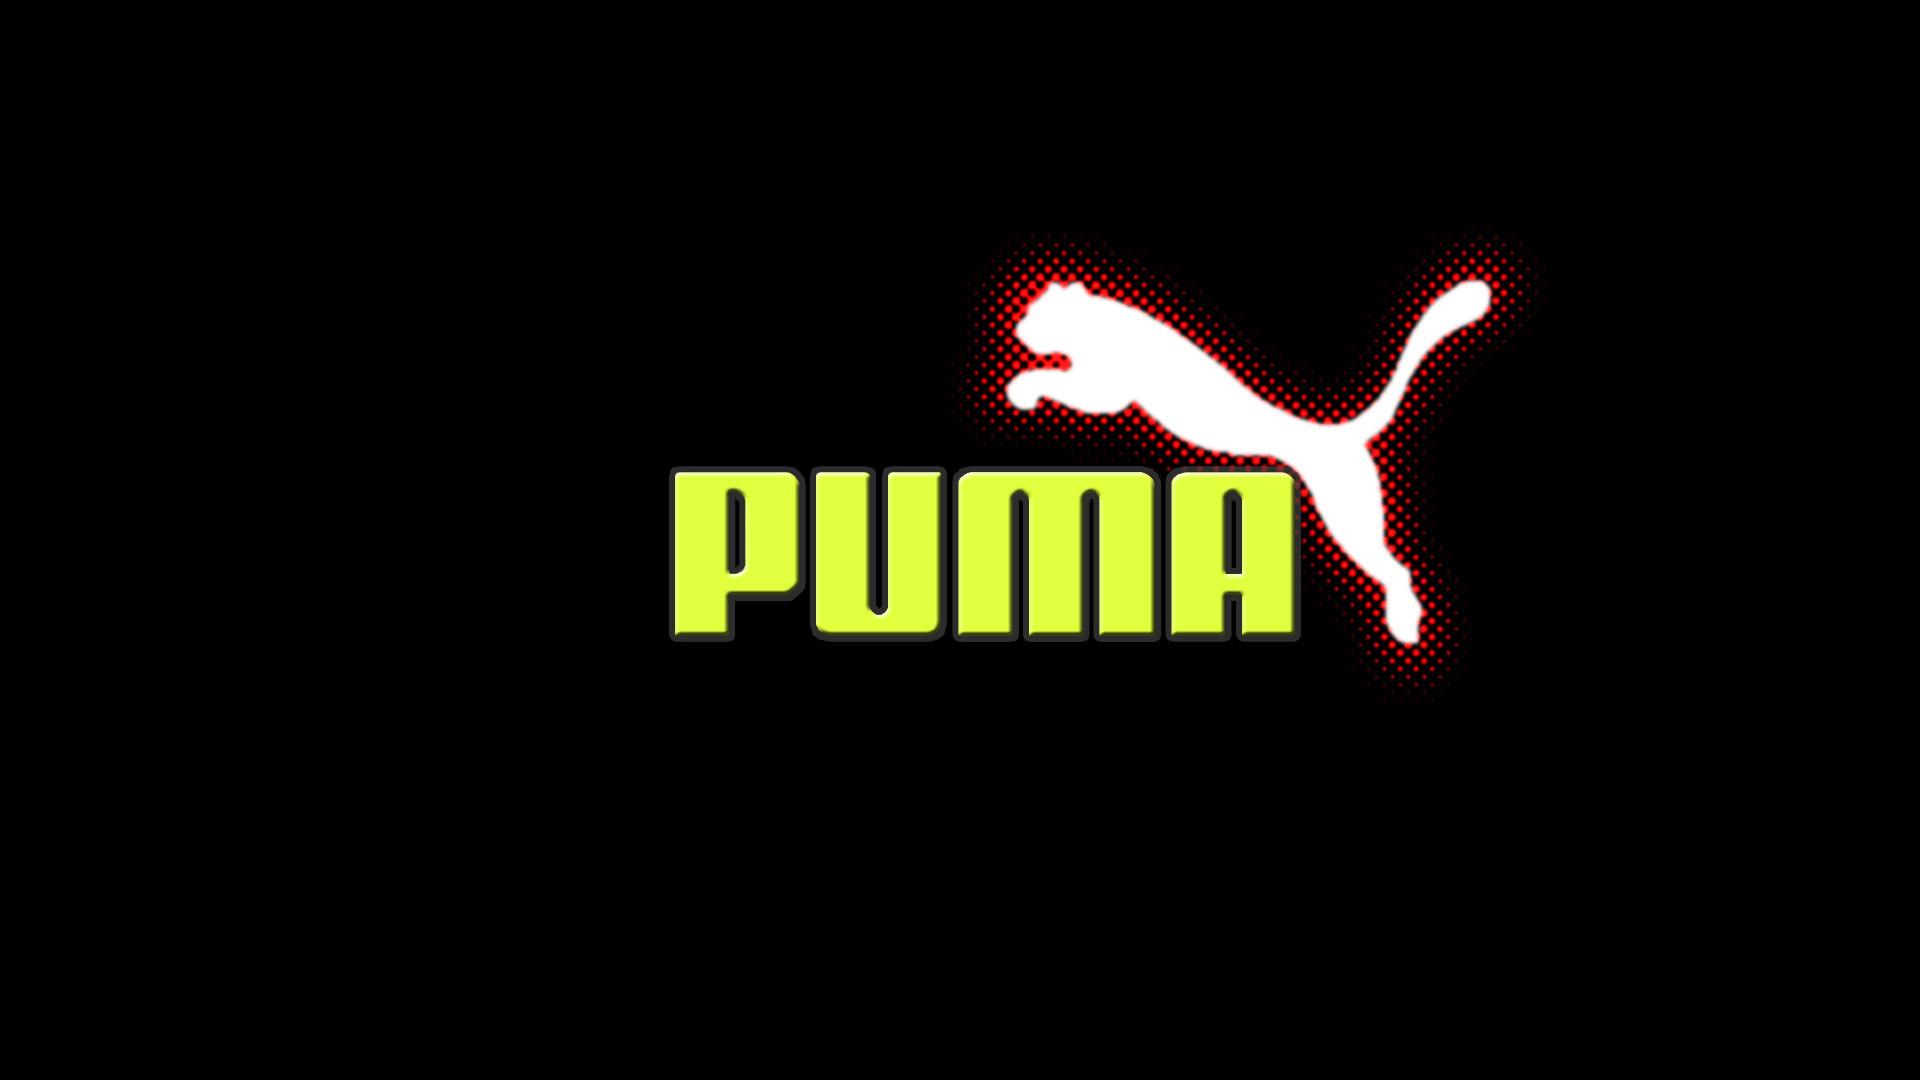 Free Puma Wallpaper